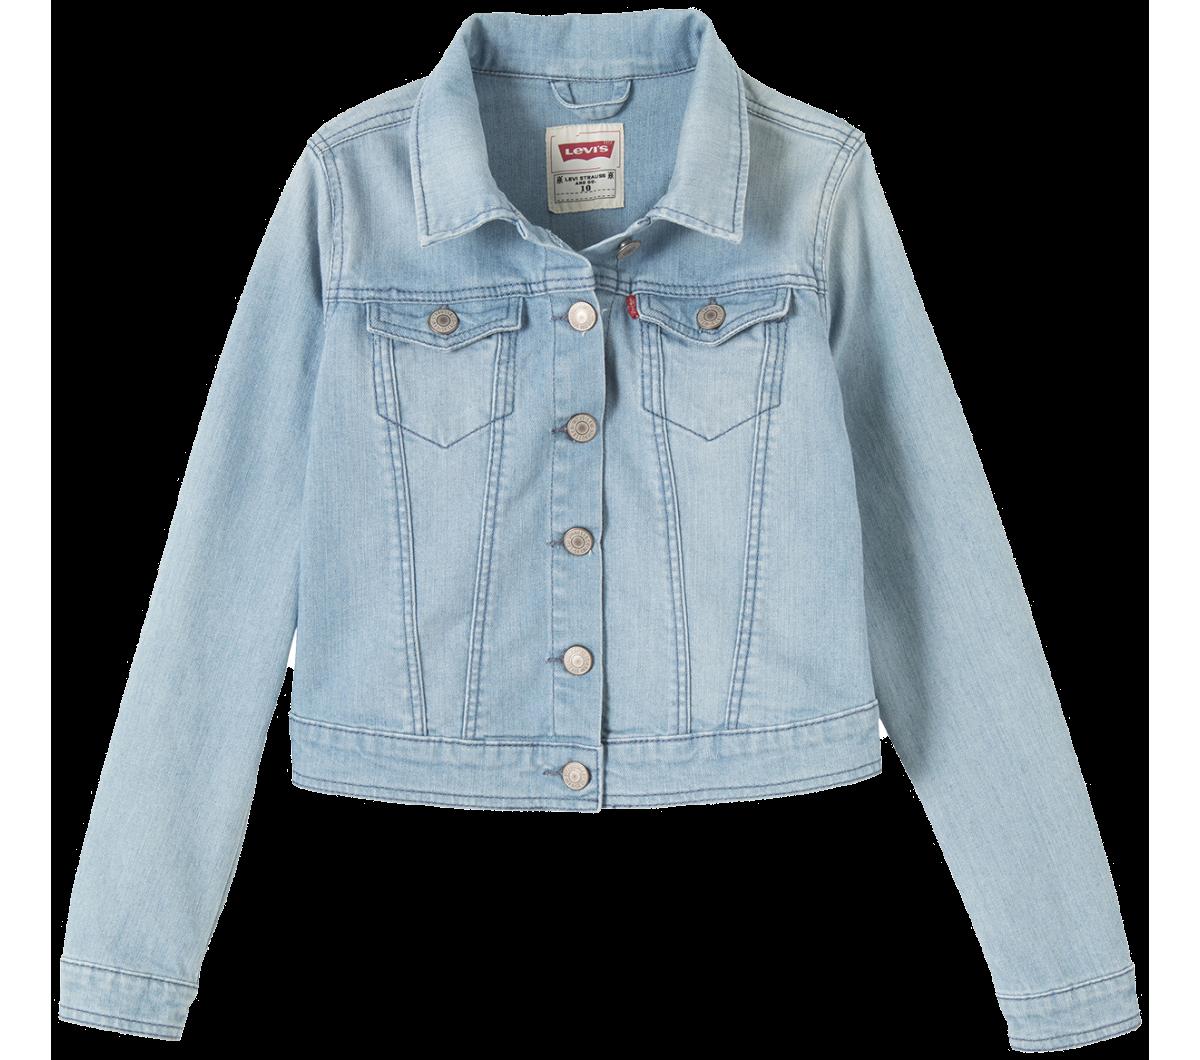 Levi's Kids Girls Trucker Jacket Orange Mayonnaise